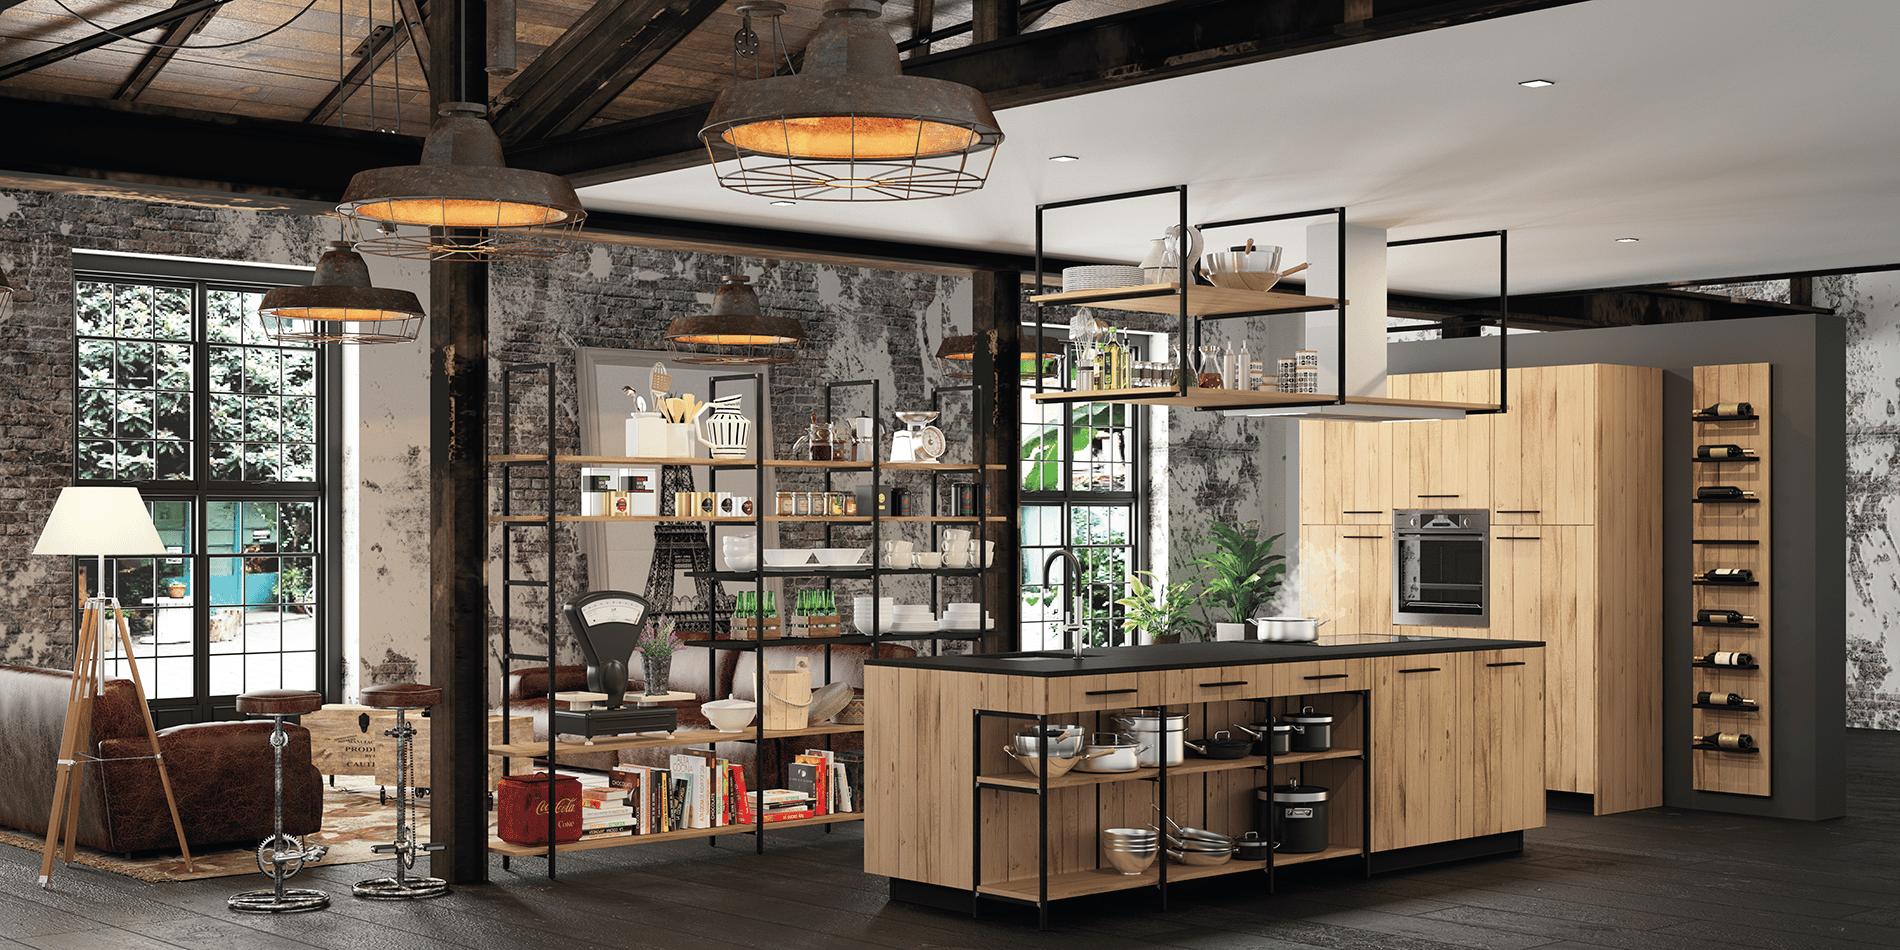 Esquisse design ind cuisines morel - Cuisine type industriel ...